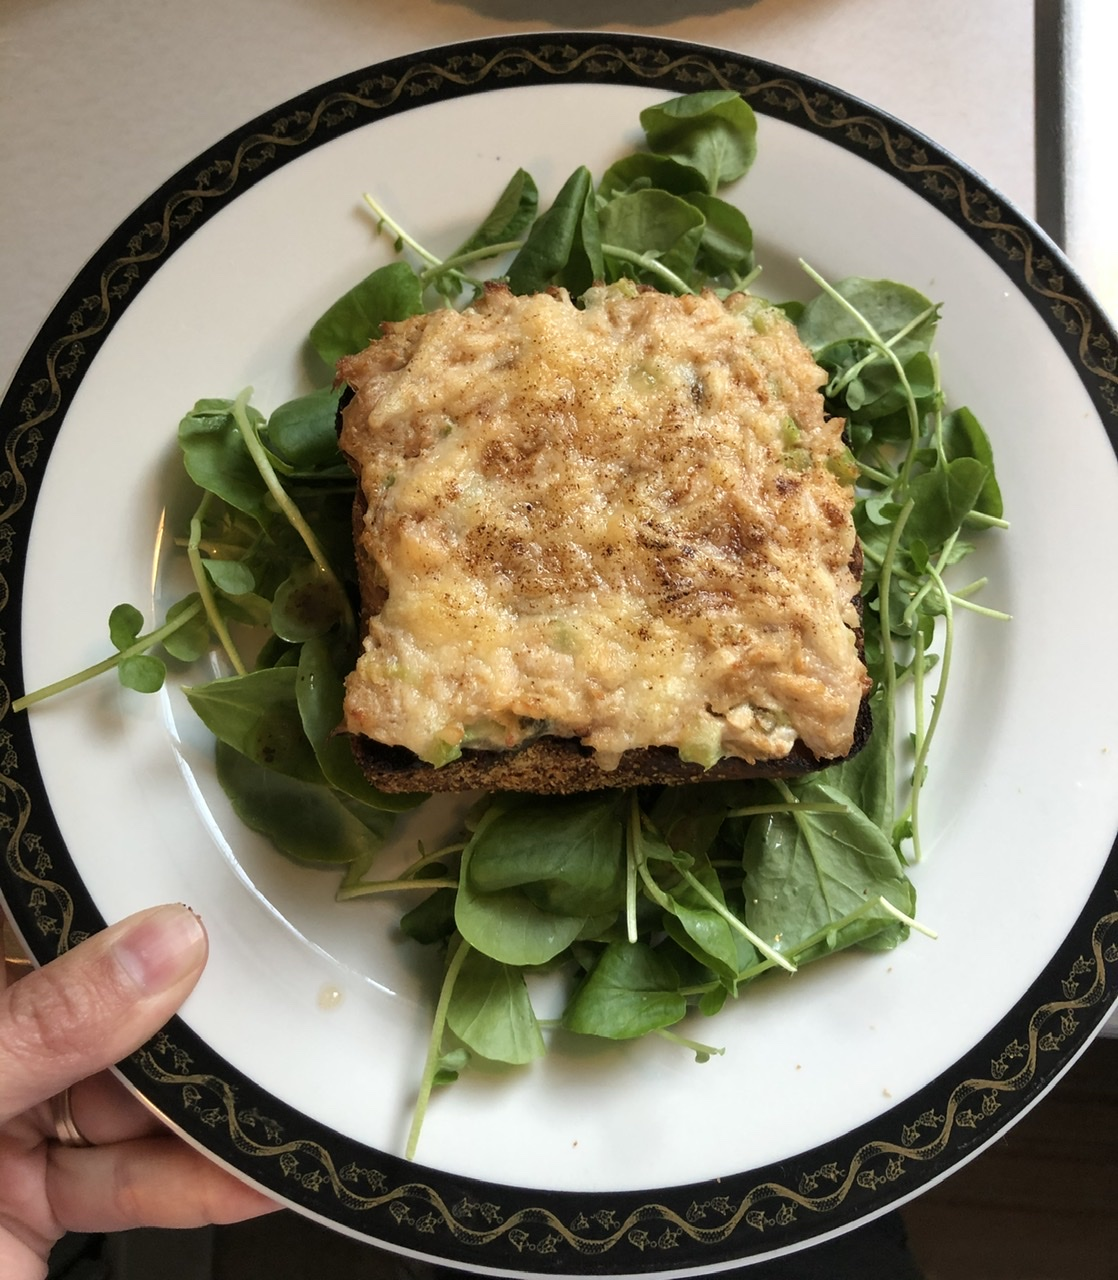 How to Make a Tuna Melt